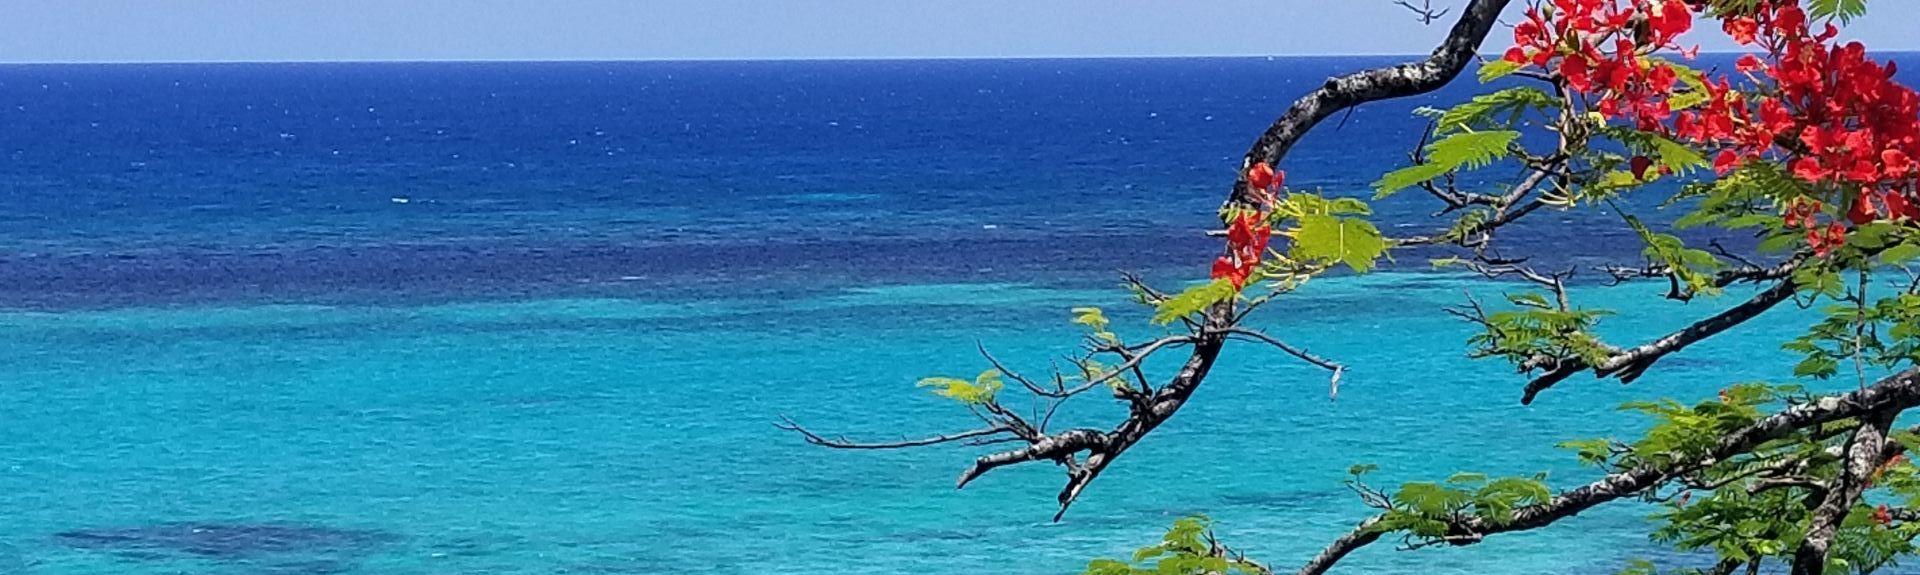 James Bond Beach, Oracabessa, Jamaica